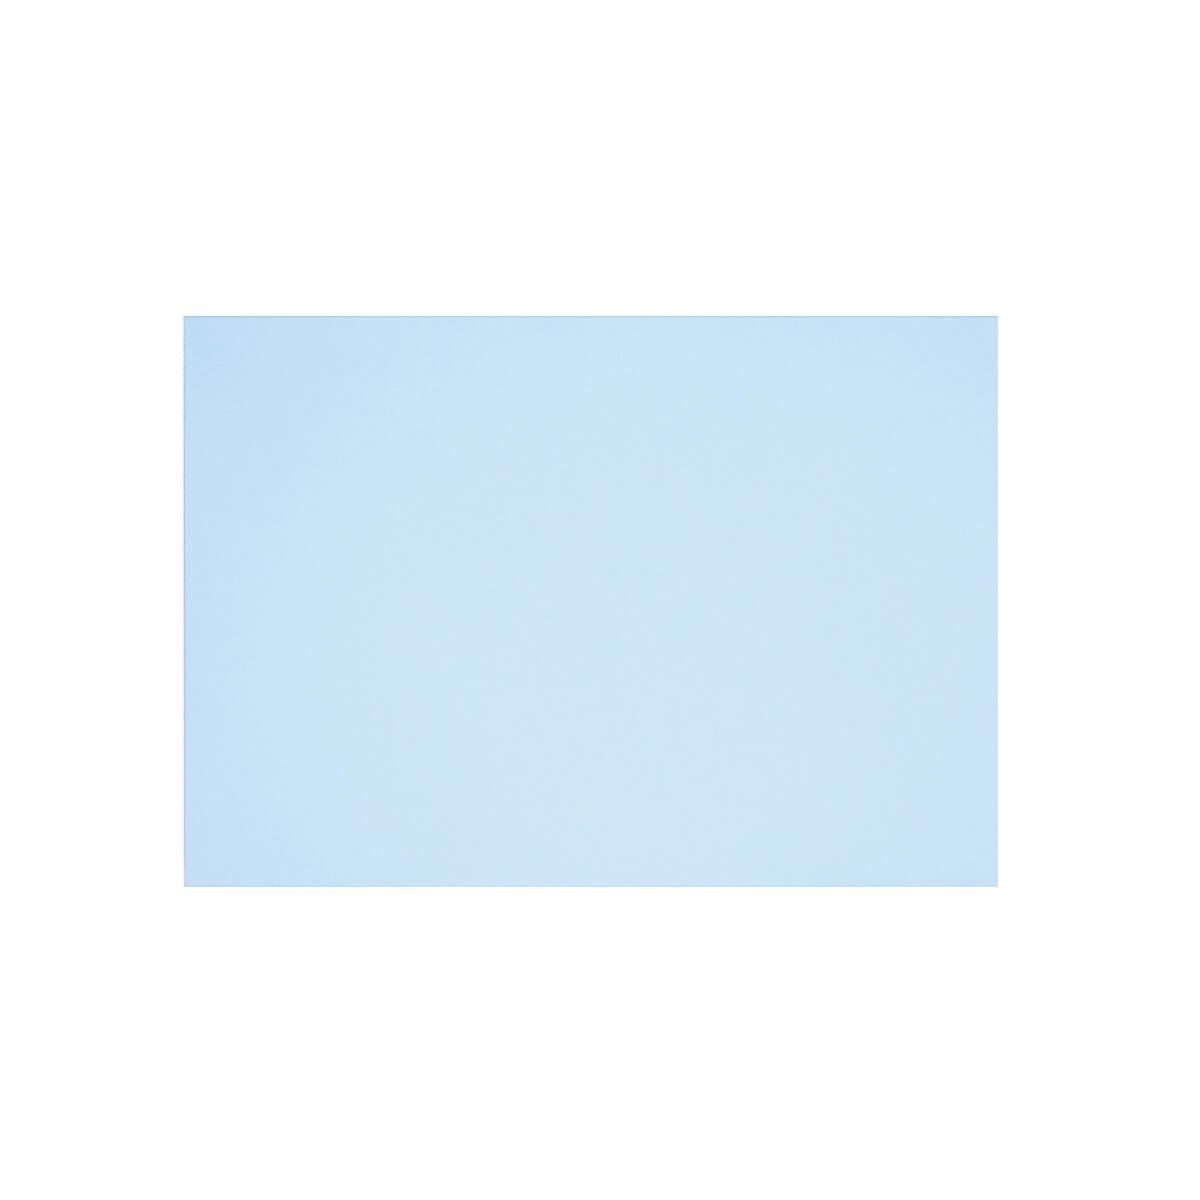 PALE BLUE 152 x 216mm ENVELOPES 120GSM